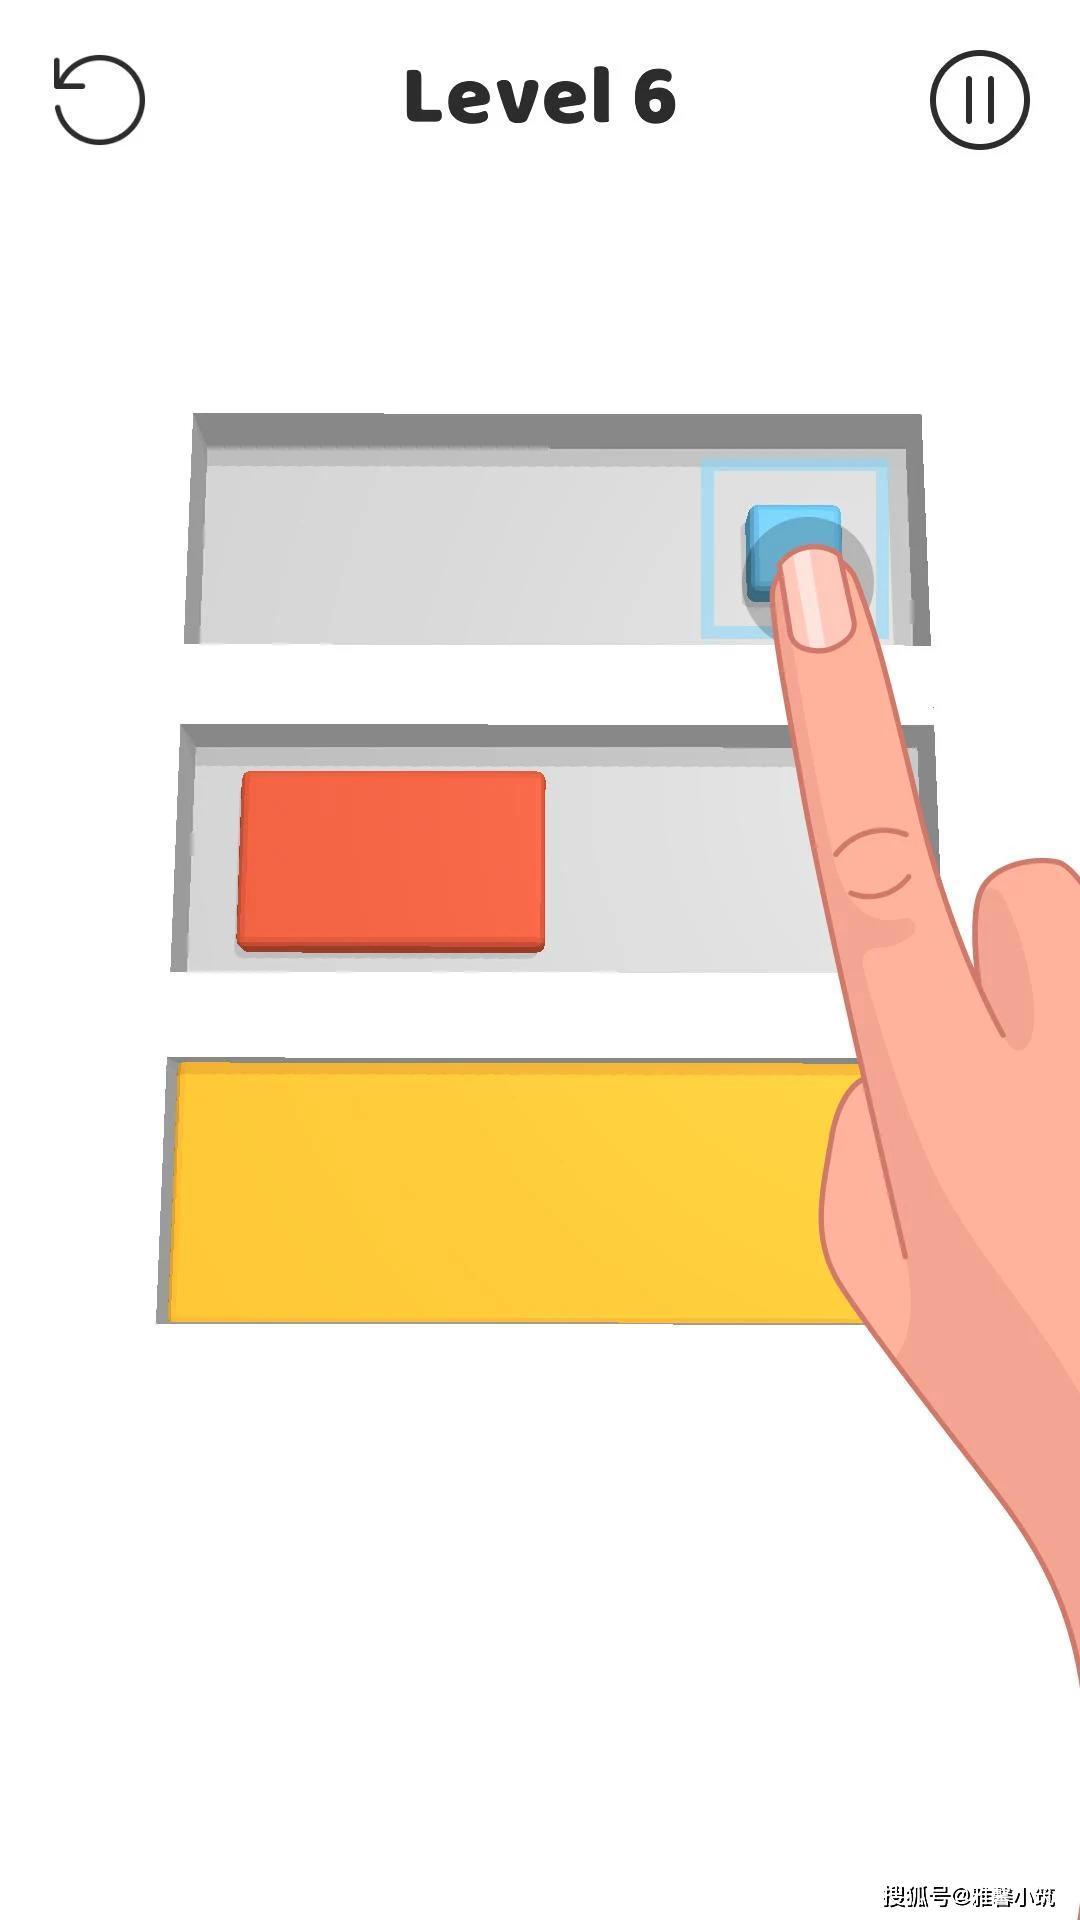 填色益智手游《ColorSpread》上手极快的规划游戏